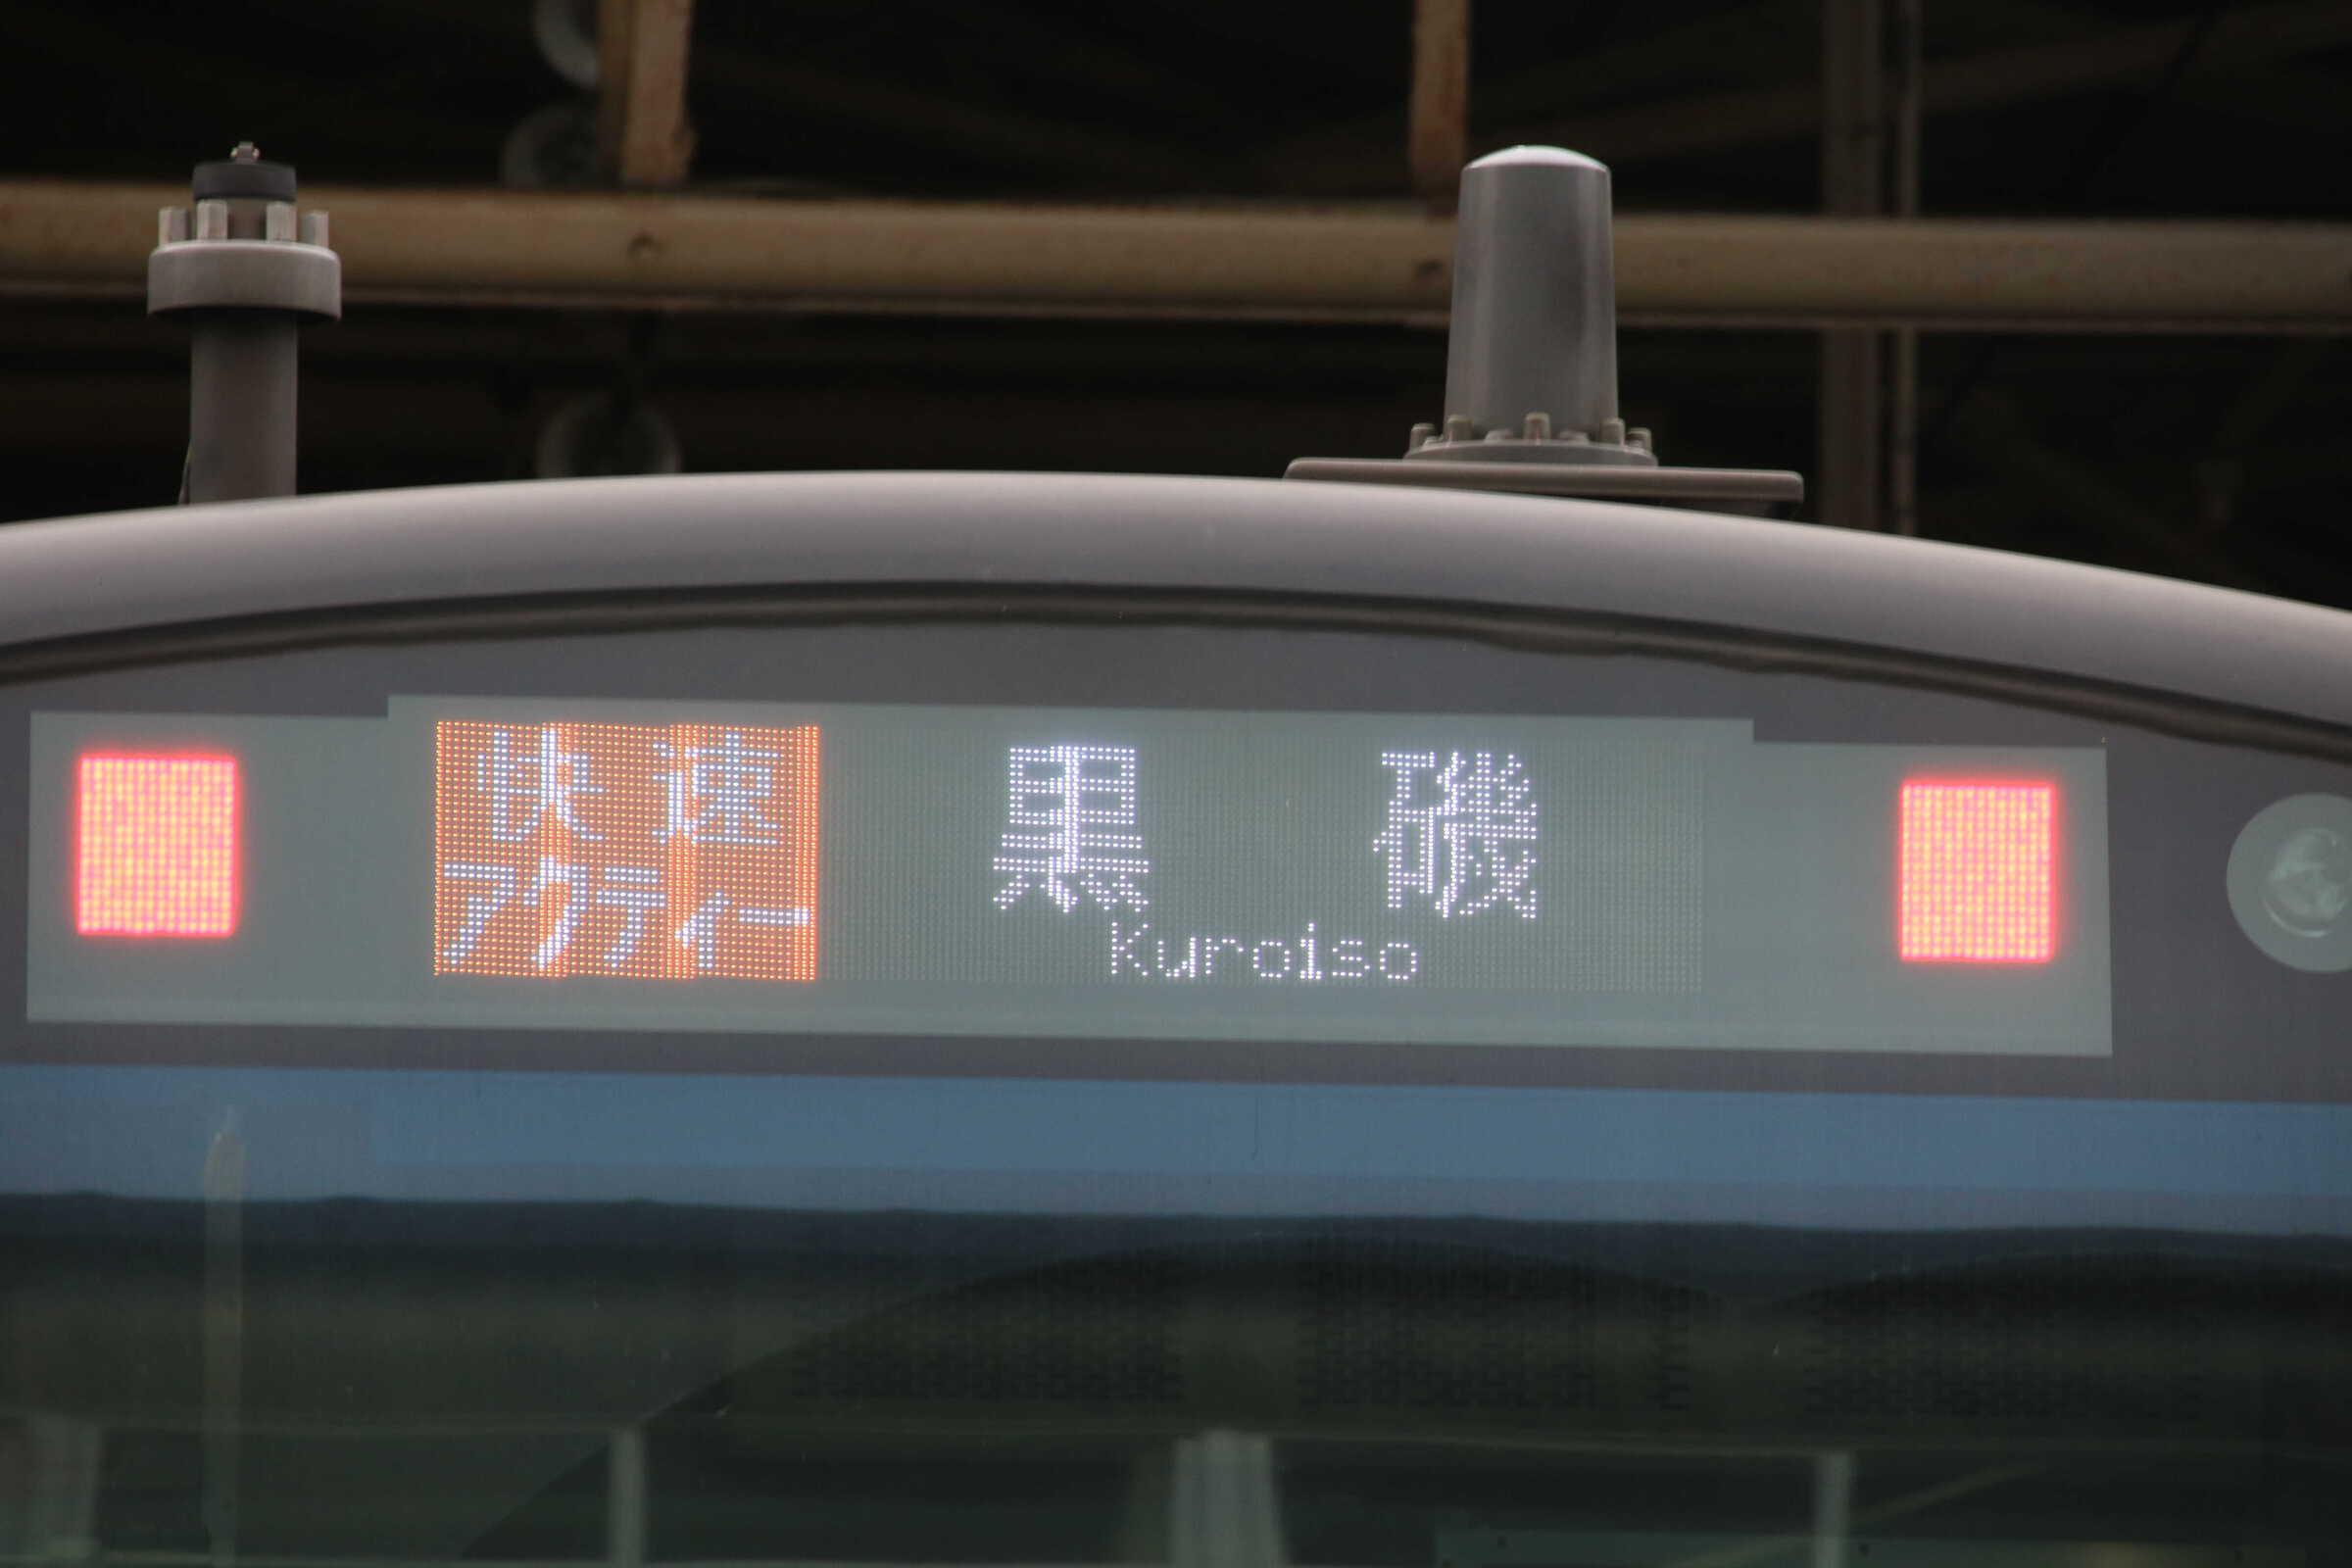 横コツE-55 上野東京ライン 宇都宮線内普通 快速アクティー 黒磯行き